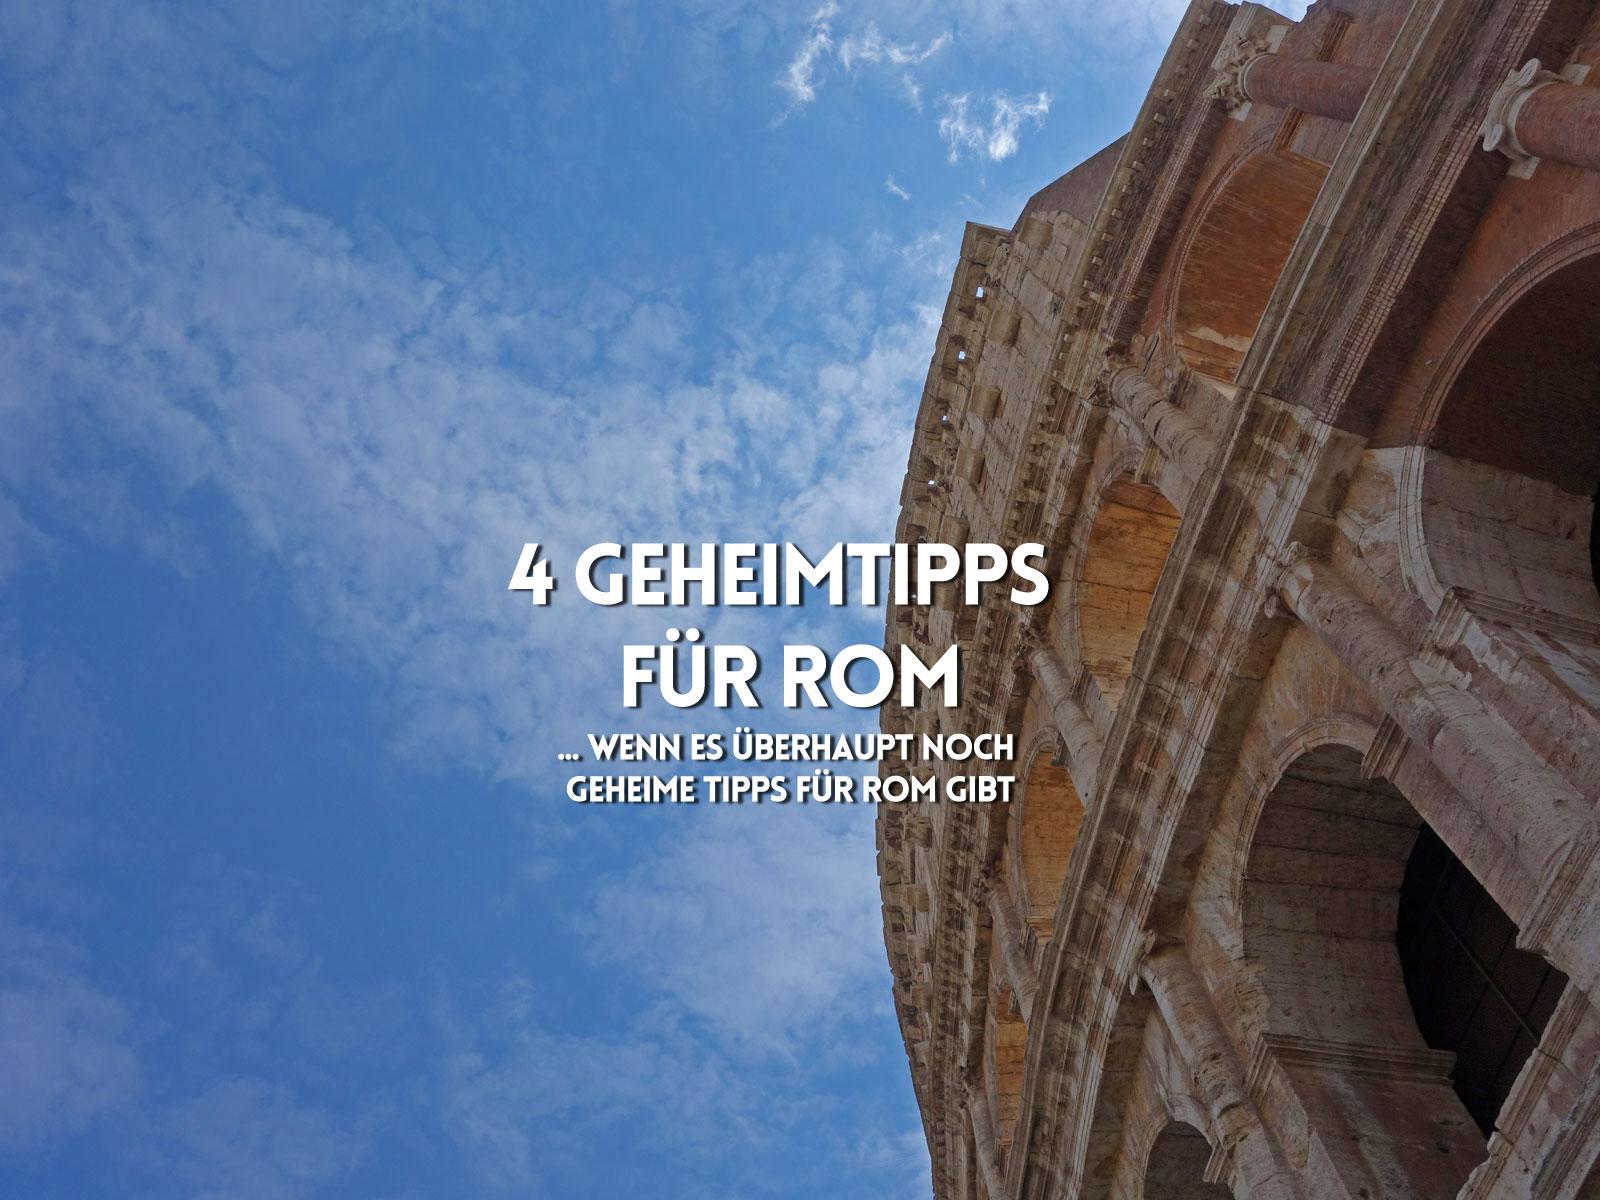 4 Geheimtipps für Rom – die solltest Du Dir mal anschauen!